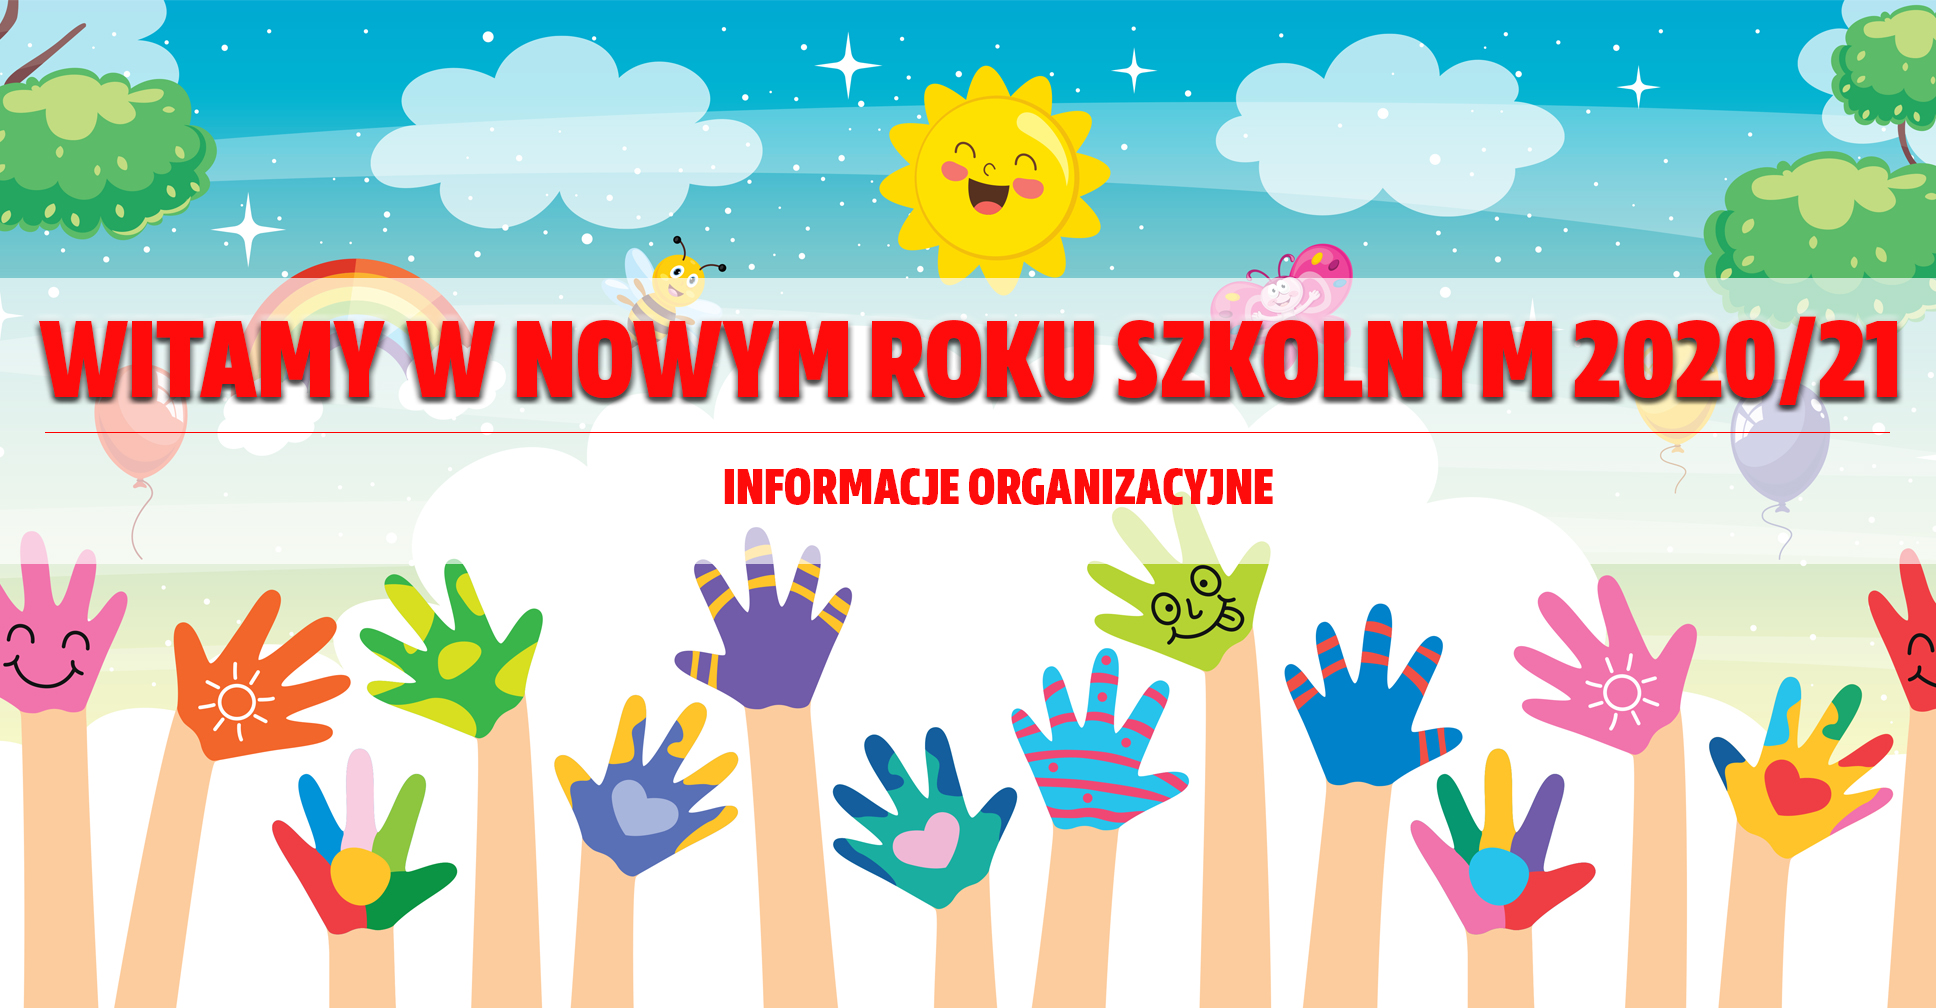 Witamy w nowym roku szkolnym 2020/21